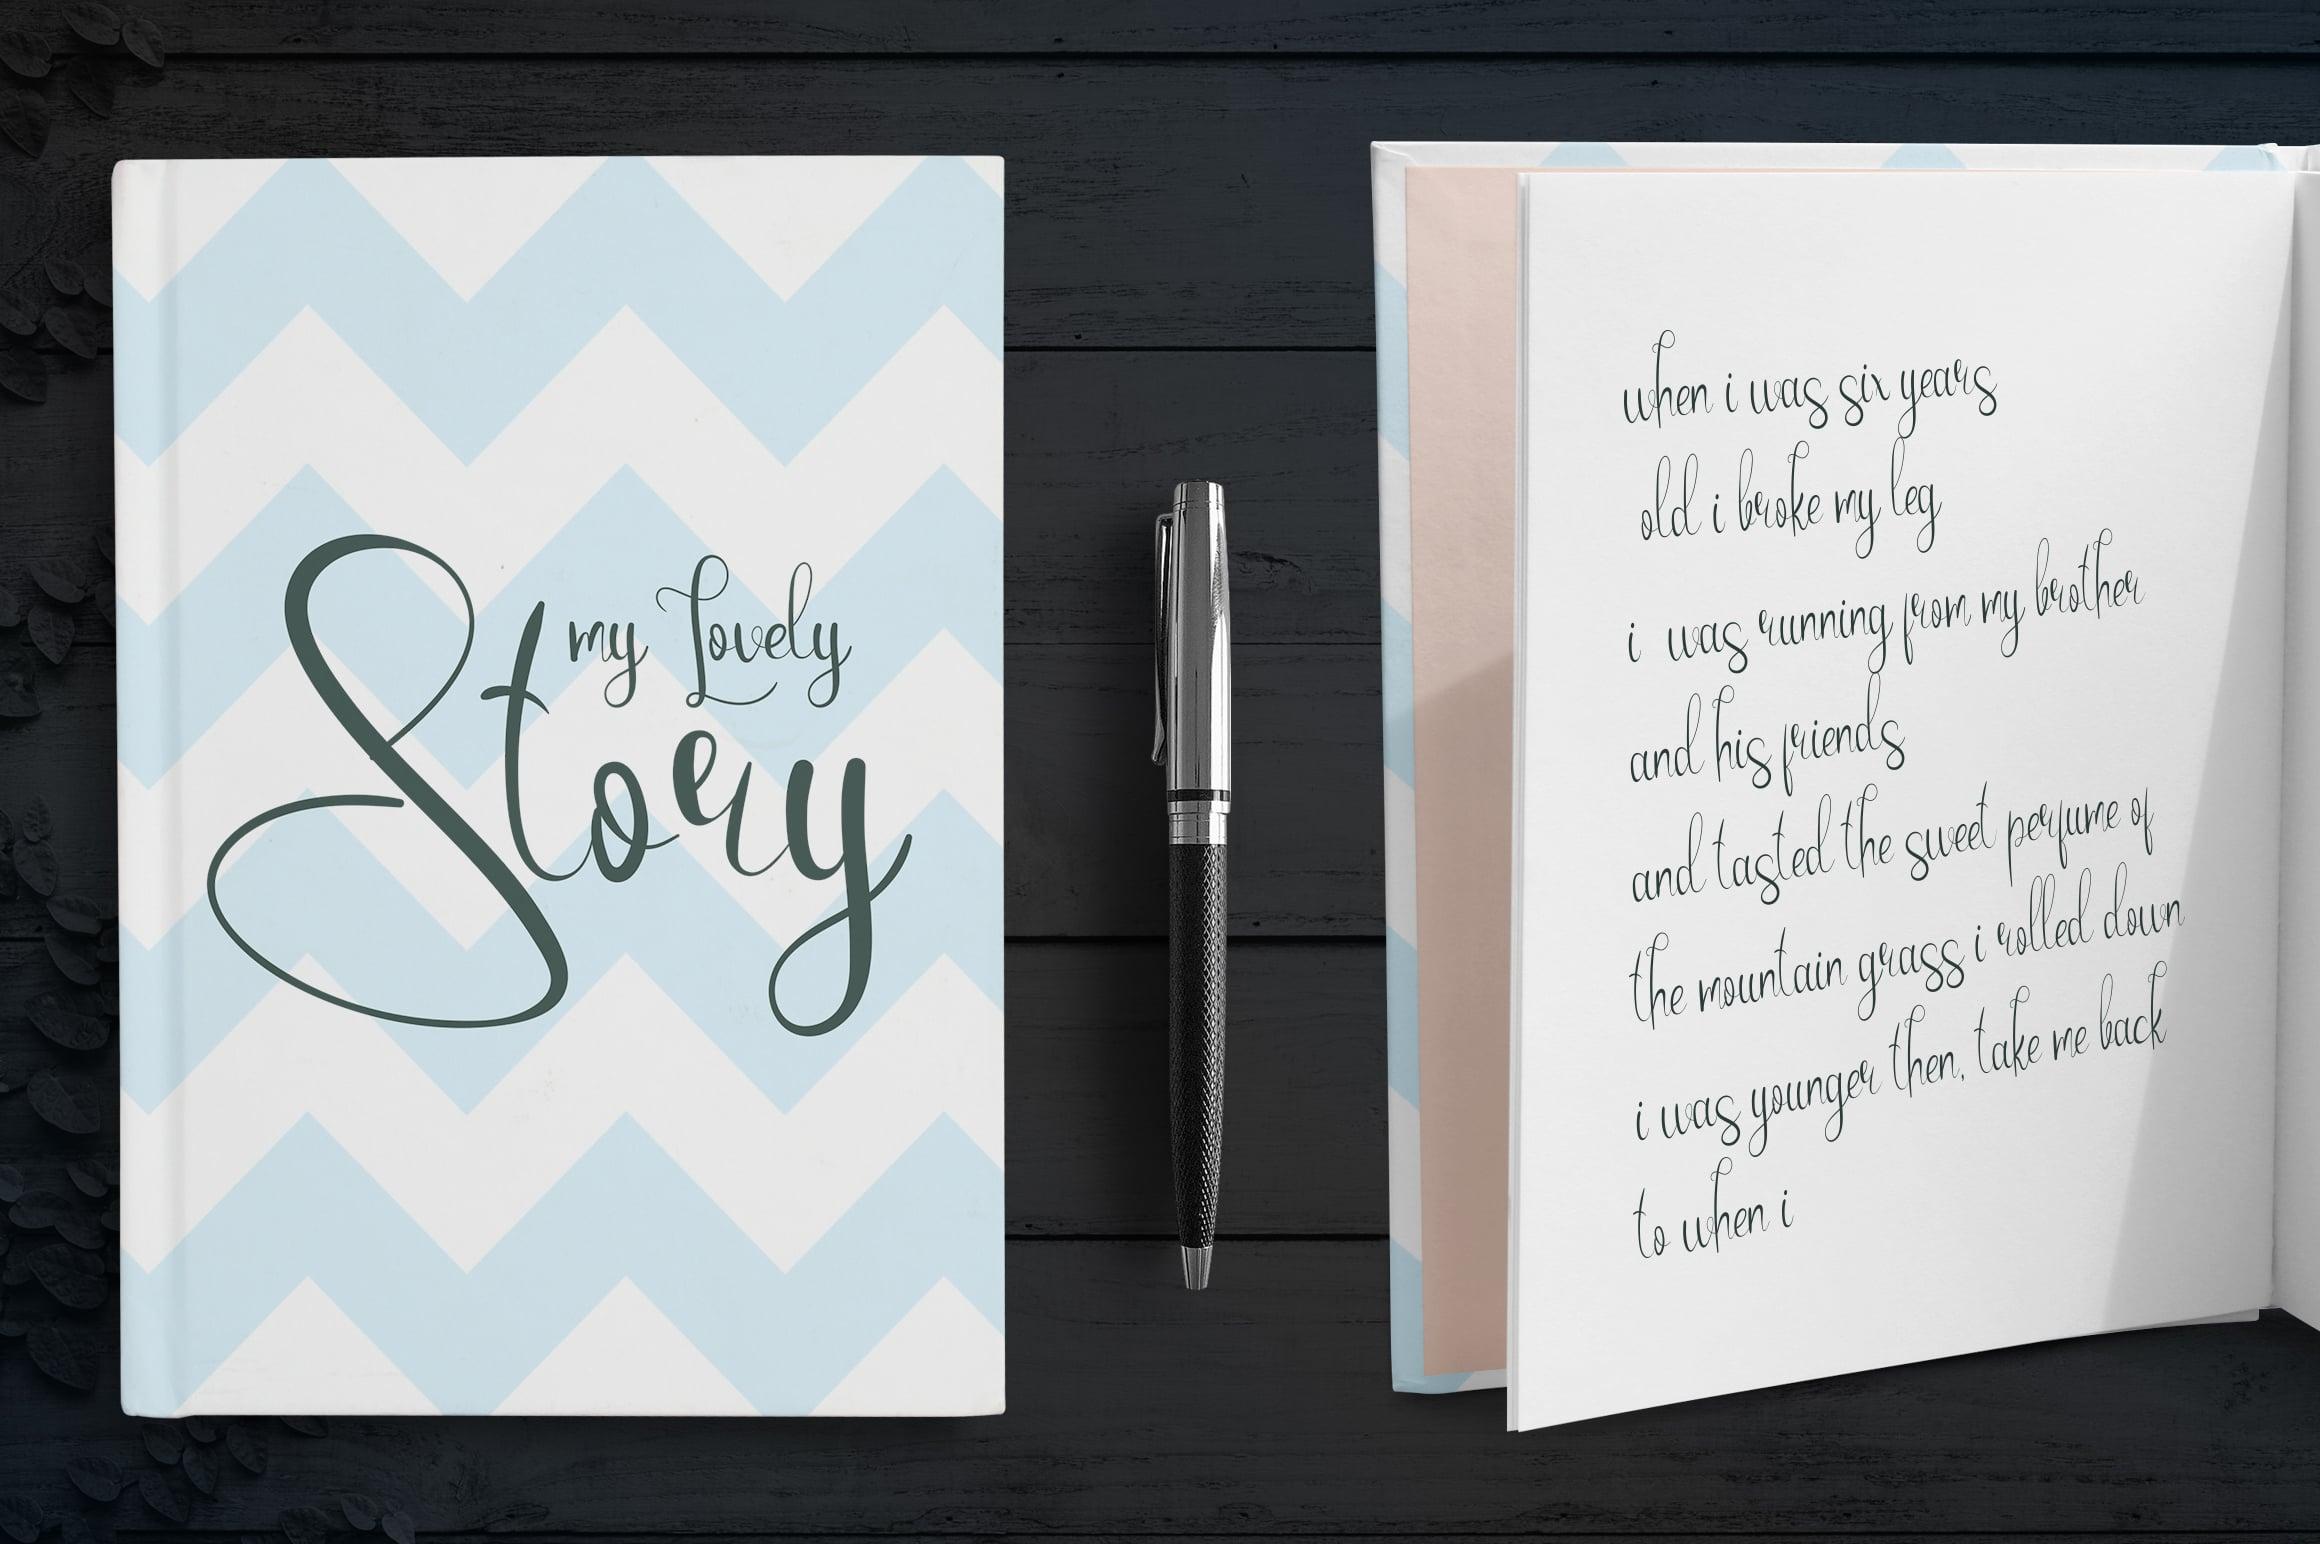 Gentle notebook in blue color.